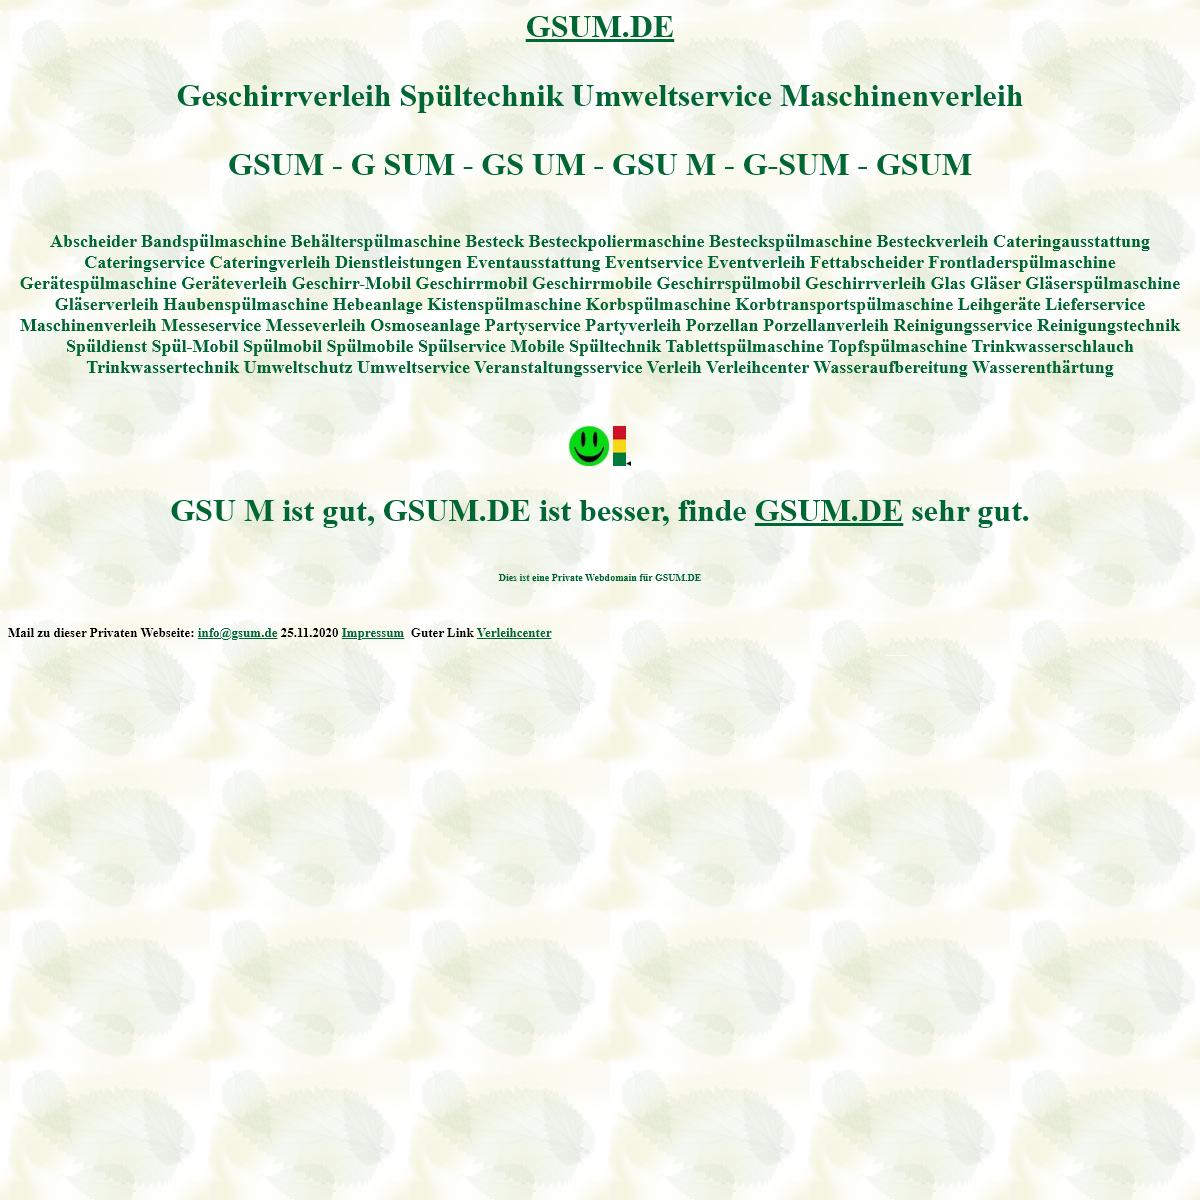 gsum Geschirrverleih Spültechnik Umweltservice Maschinenverleih Spülmobil Verleih Geschirrmobil Mieten